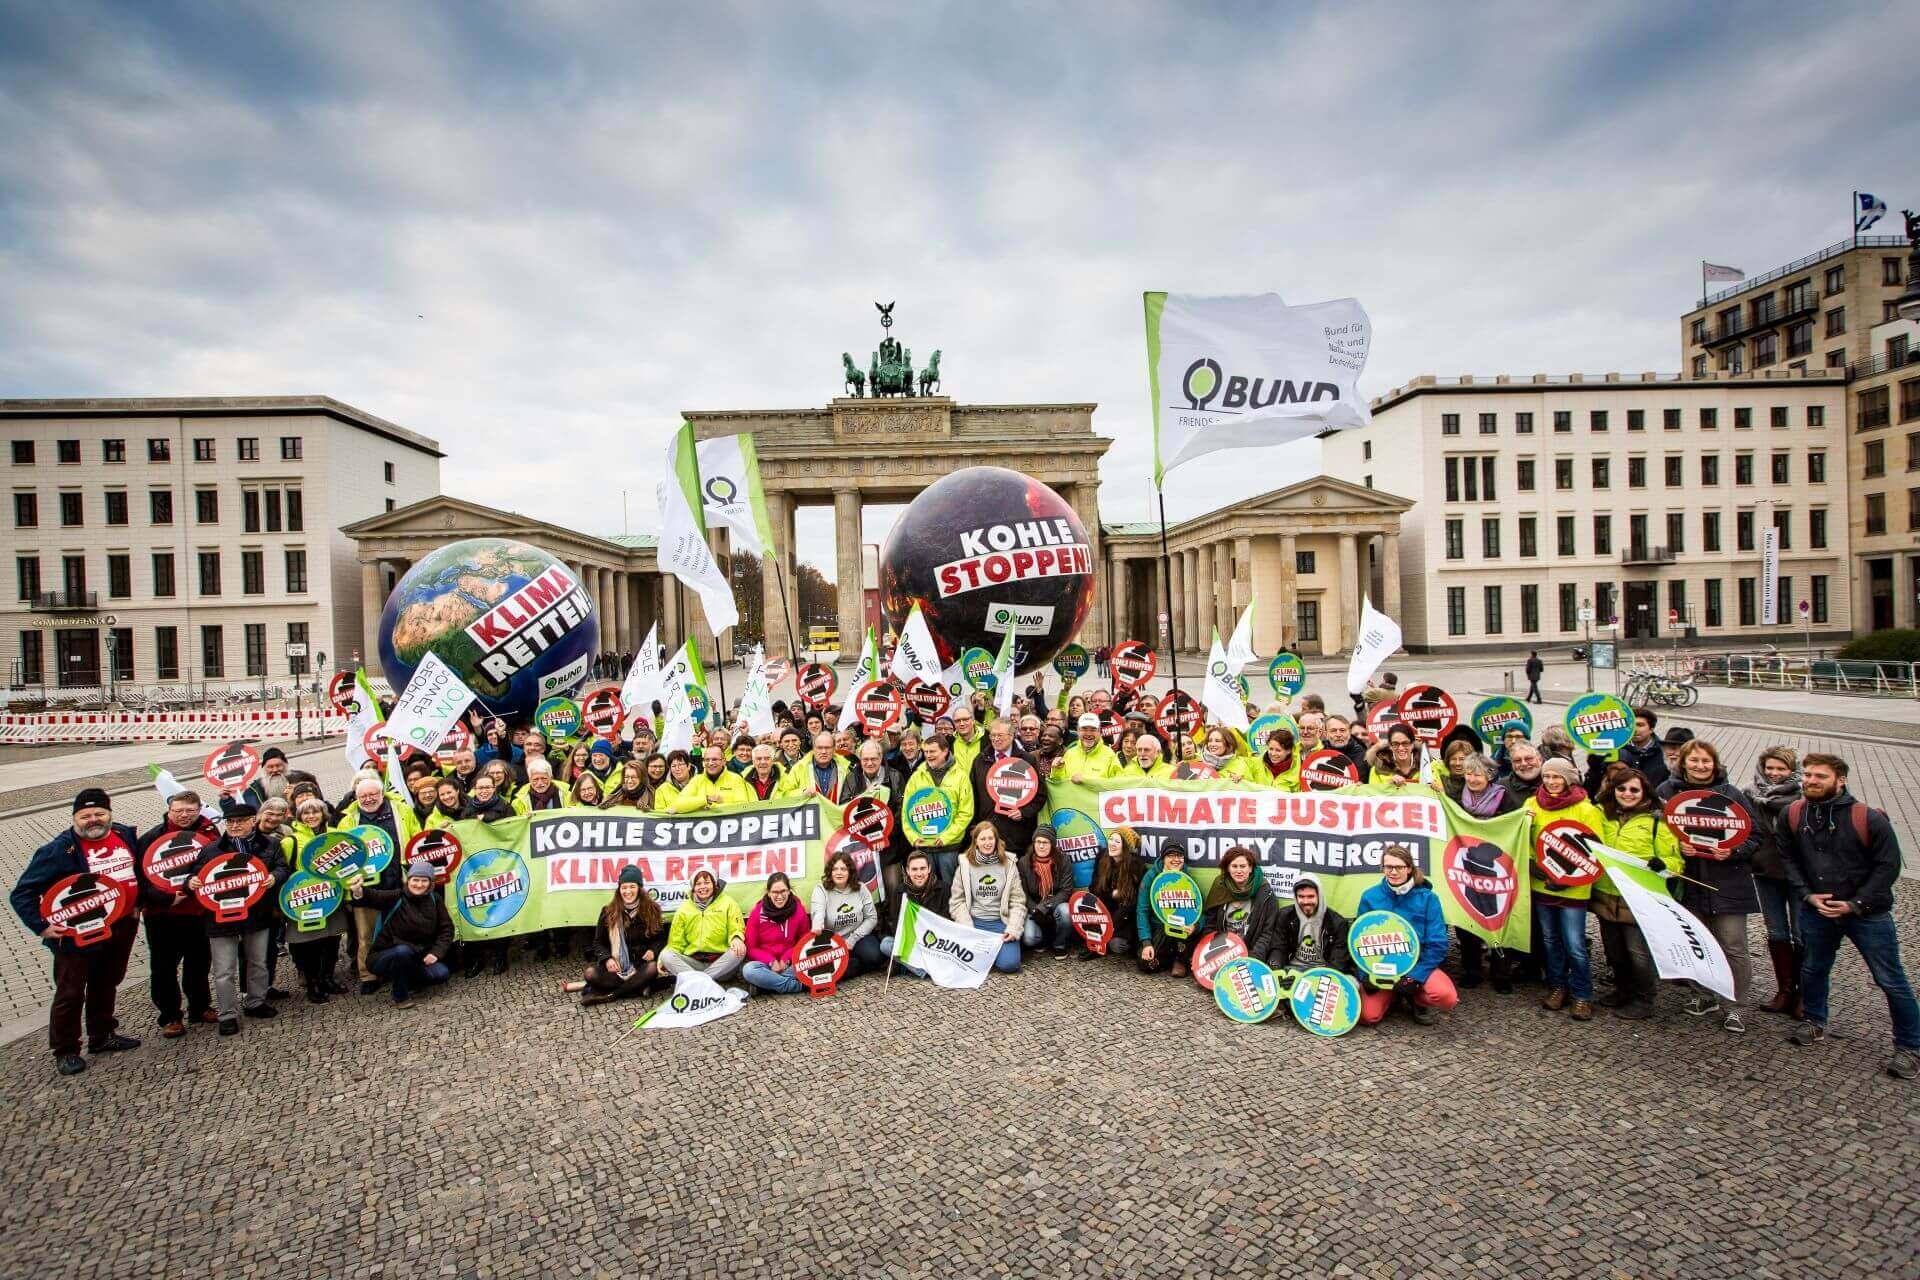 Klimaschutz muss groß geschrieben werden, so lautete unsere Botschaft an die neue Regierung – entstanden während unserer Bundesdelegiertenversammlung mit rund 150 Vertreter*innen.